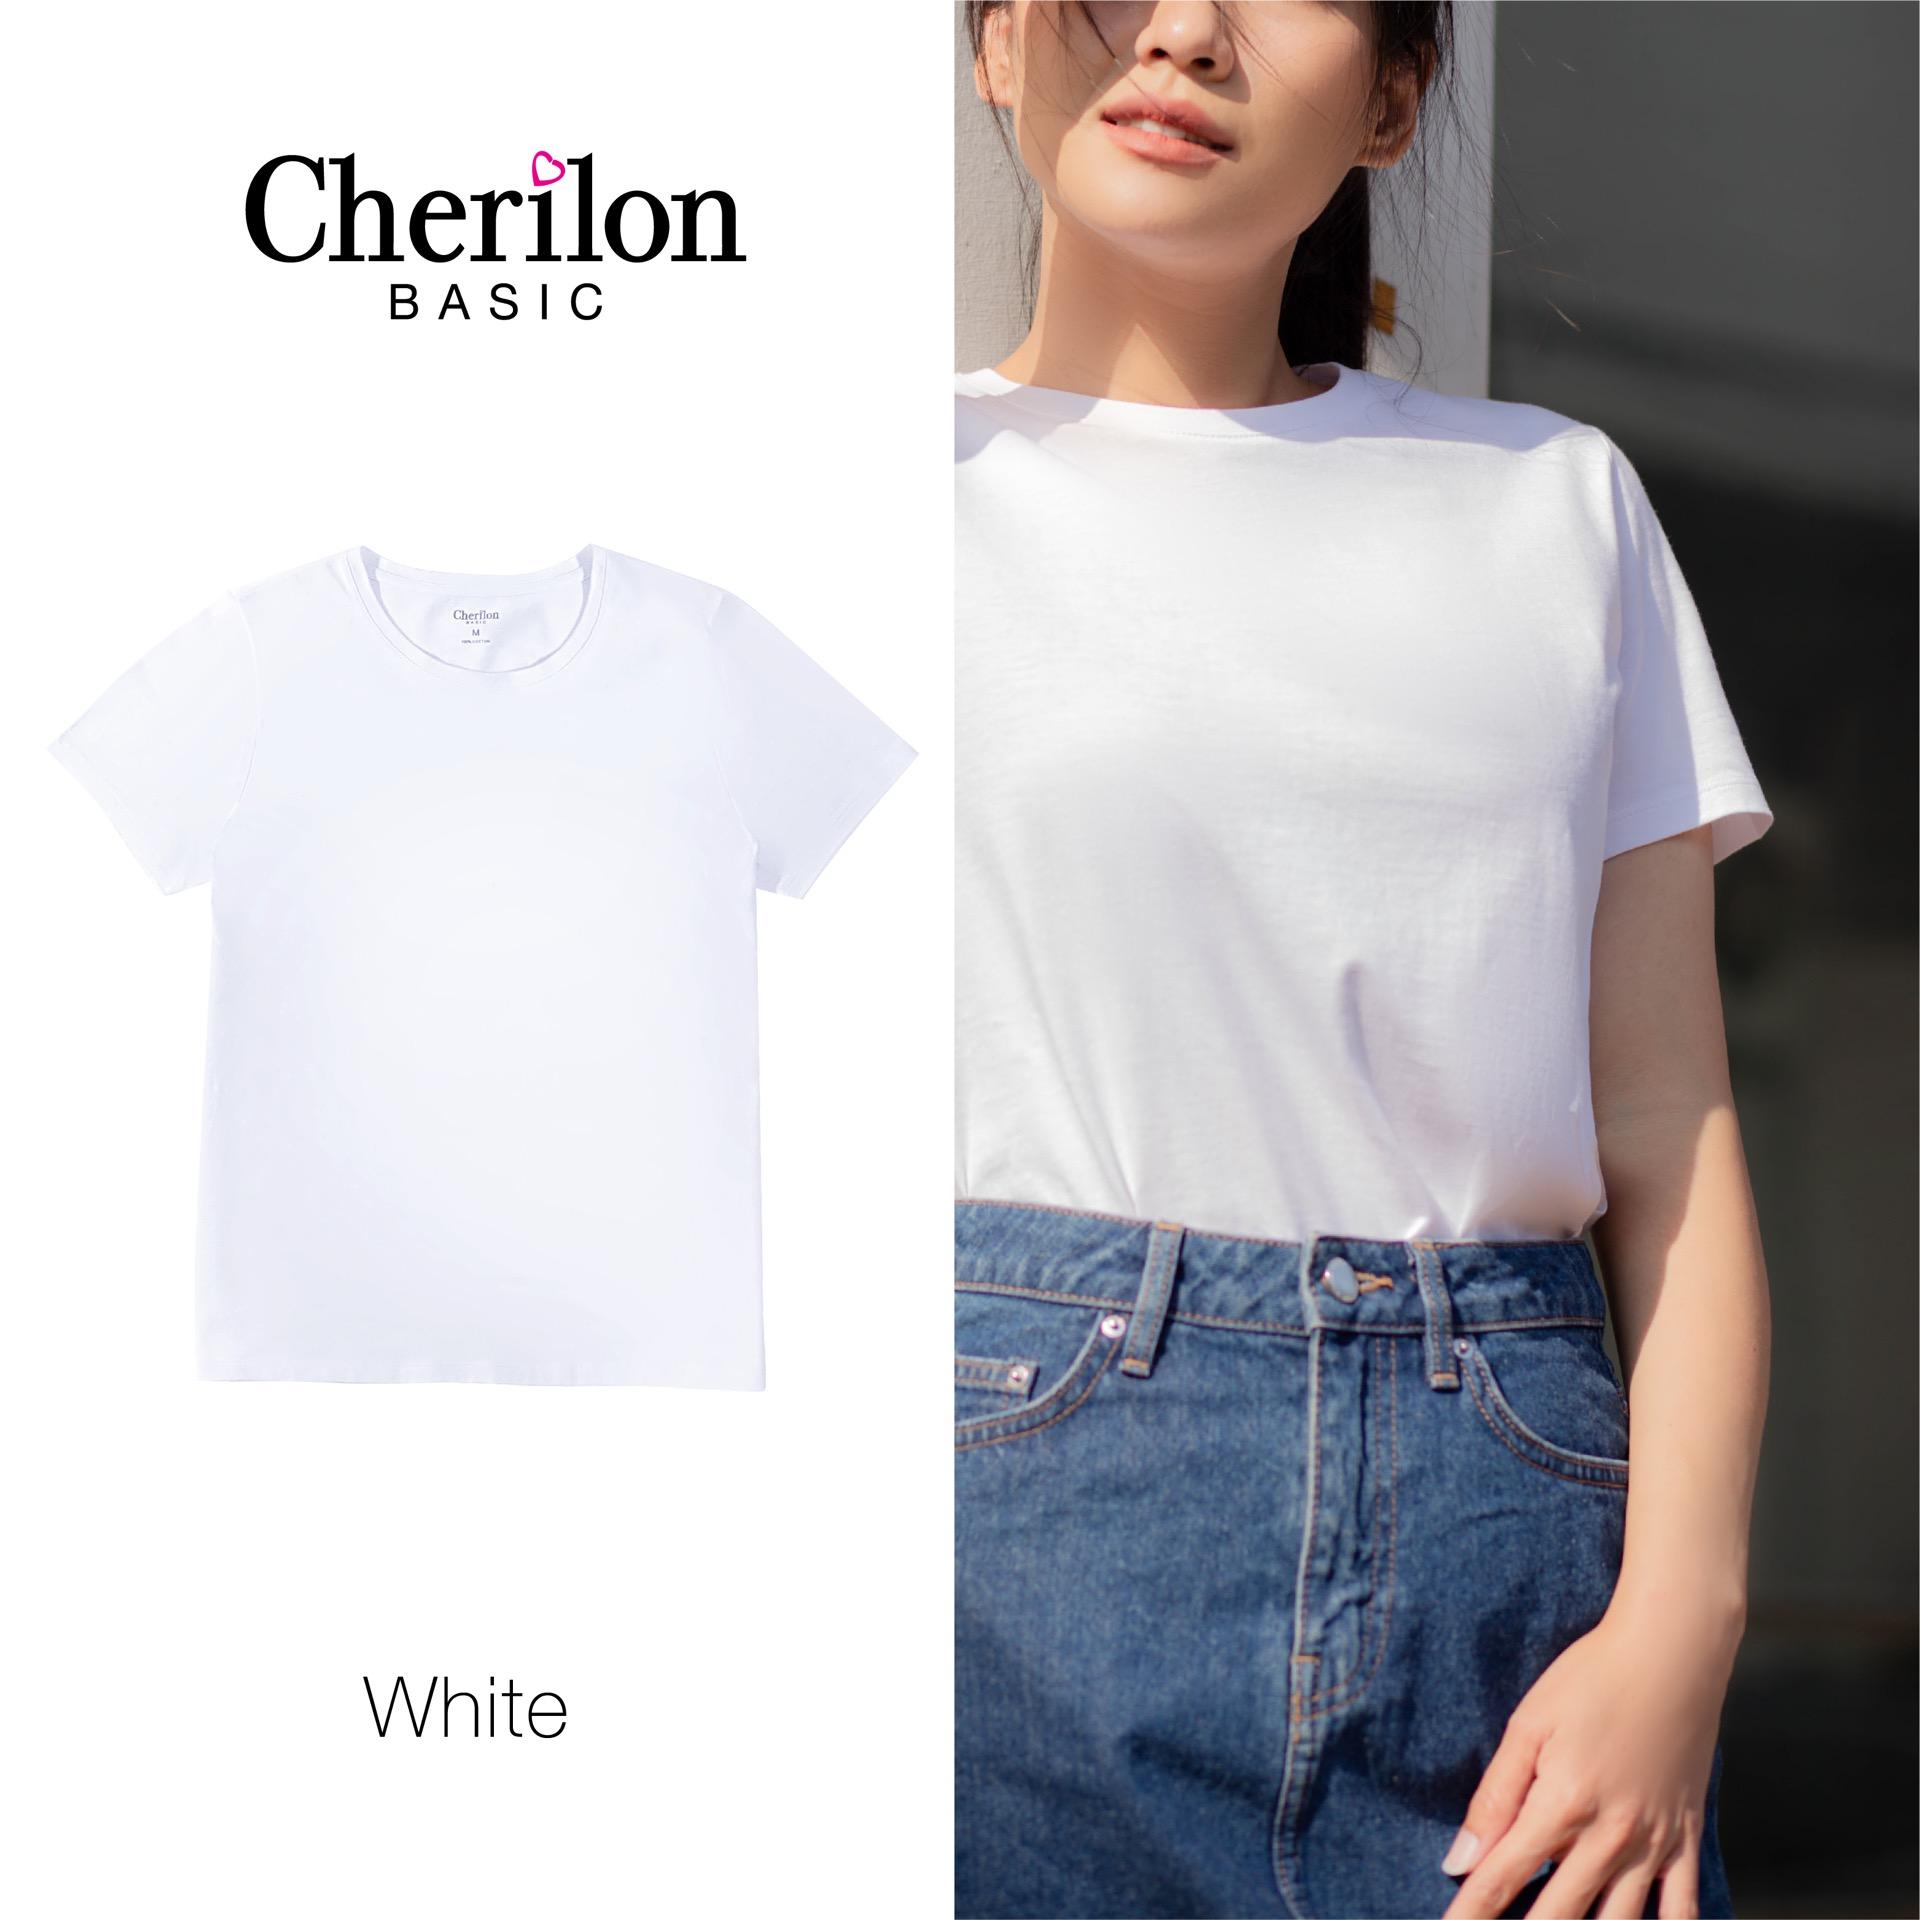 Essential Tee (T-Shirt) เสื้อแขนสั้นคอกลม สีขาว รหัส VTK001